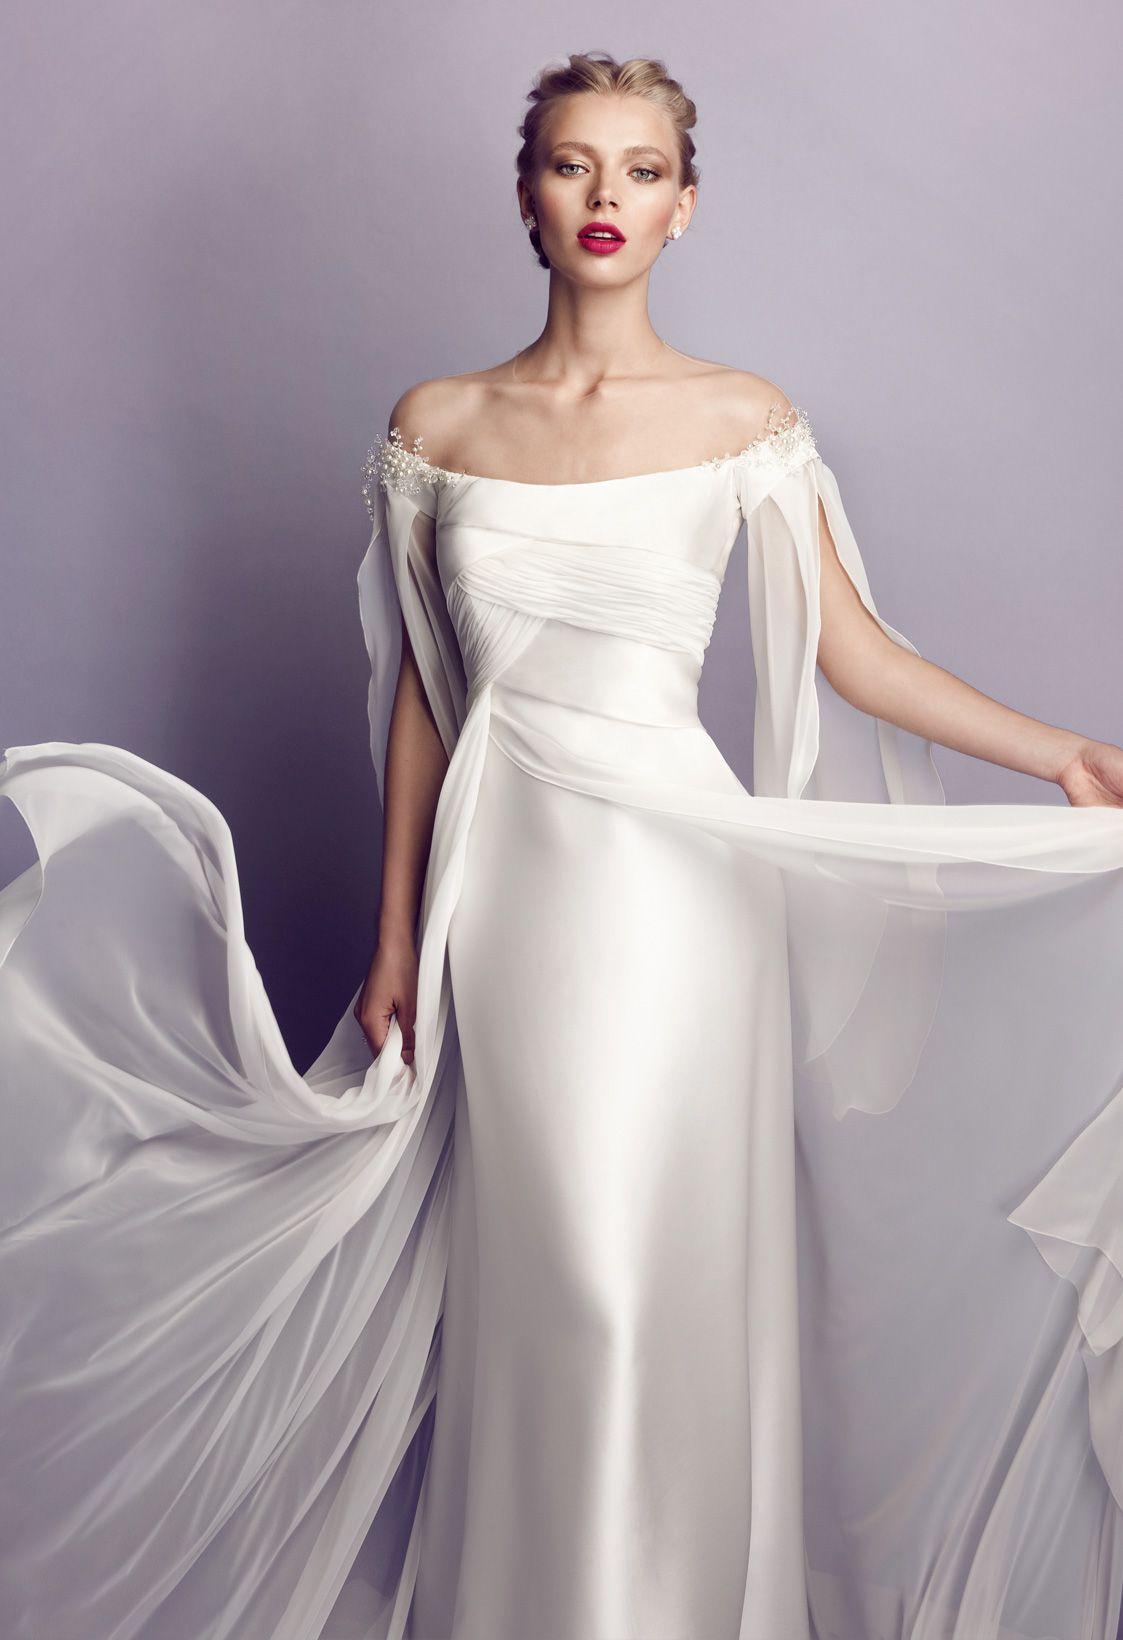 Collezioni Di Abiti Da Sposa A Roma Elvira Gramano Abiti Da Sposa Abito Da Sposa Elegante Abiti Da Sposa Chic